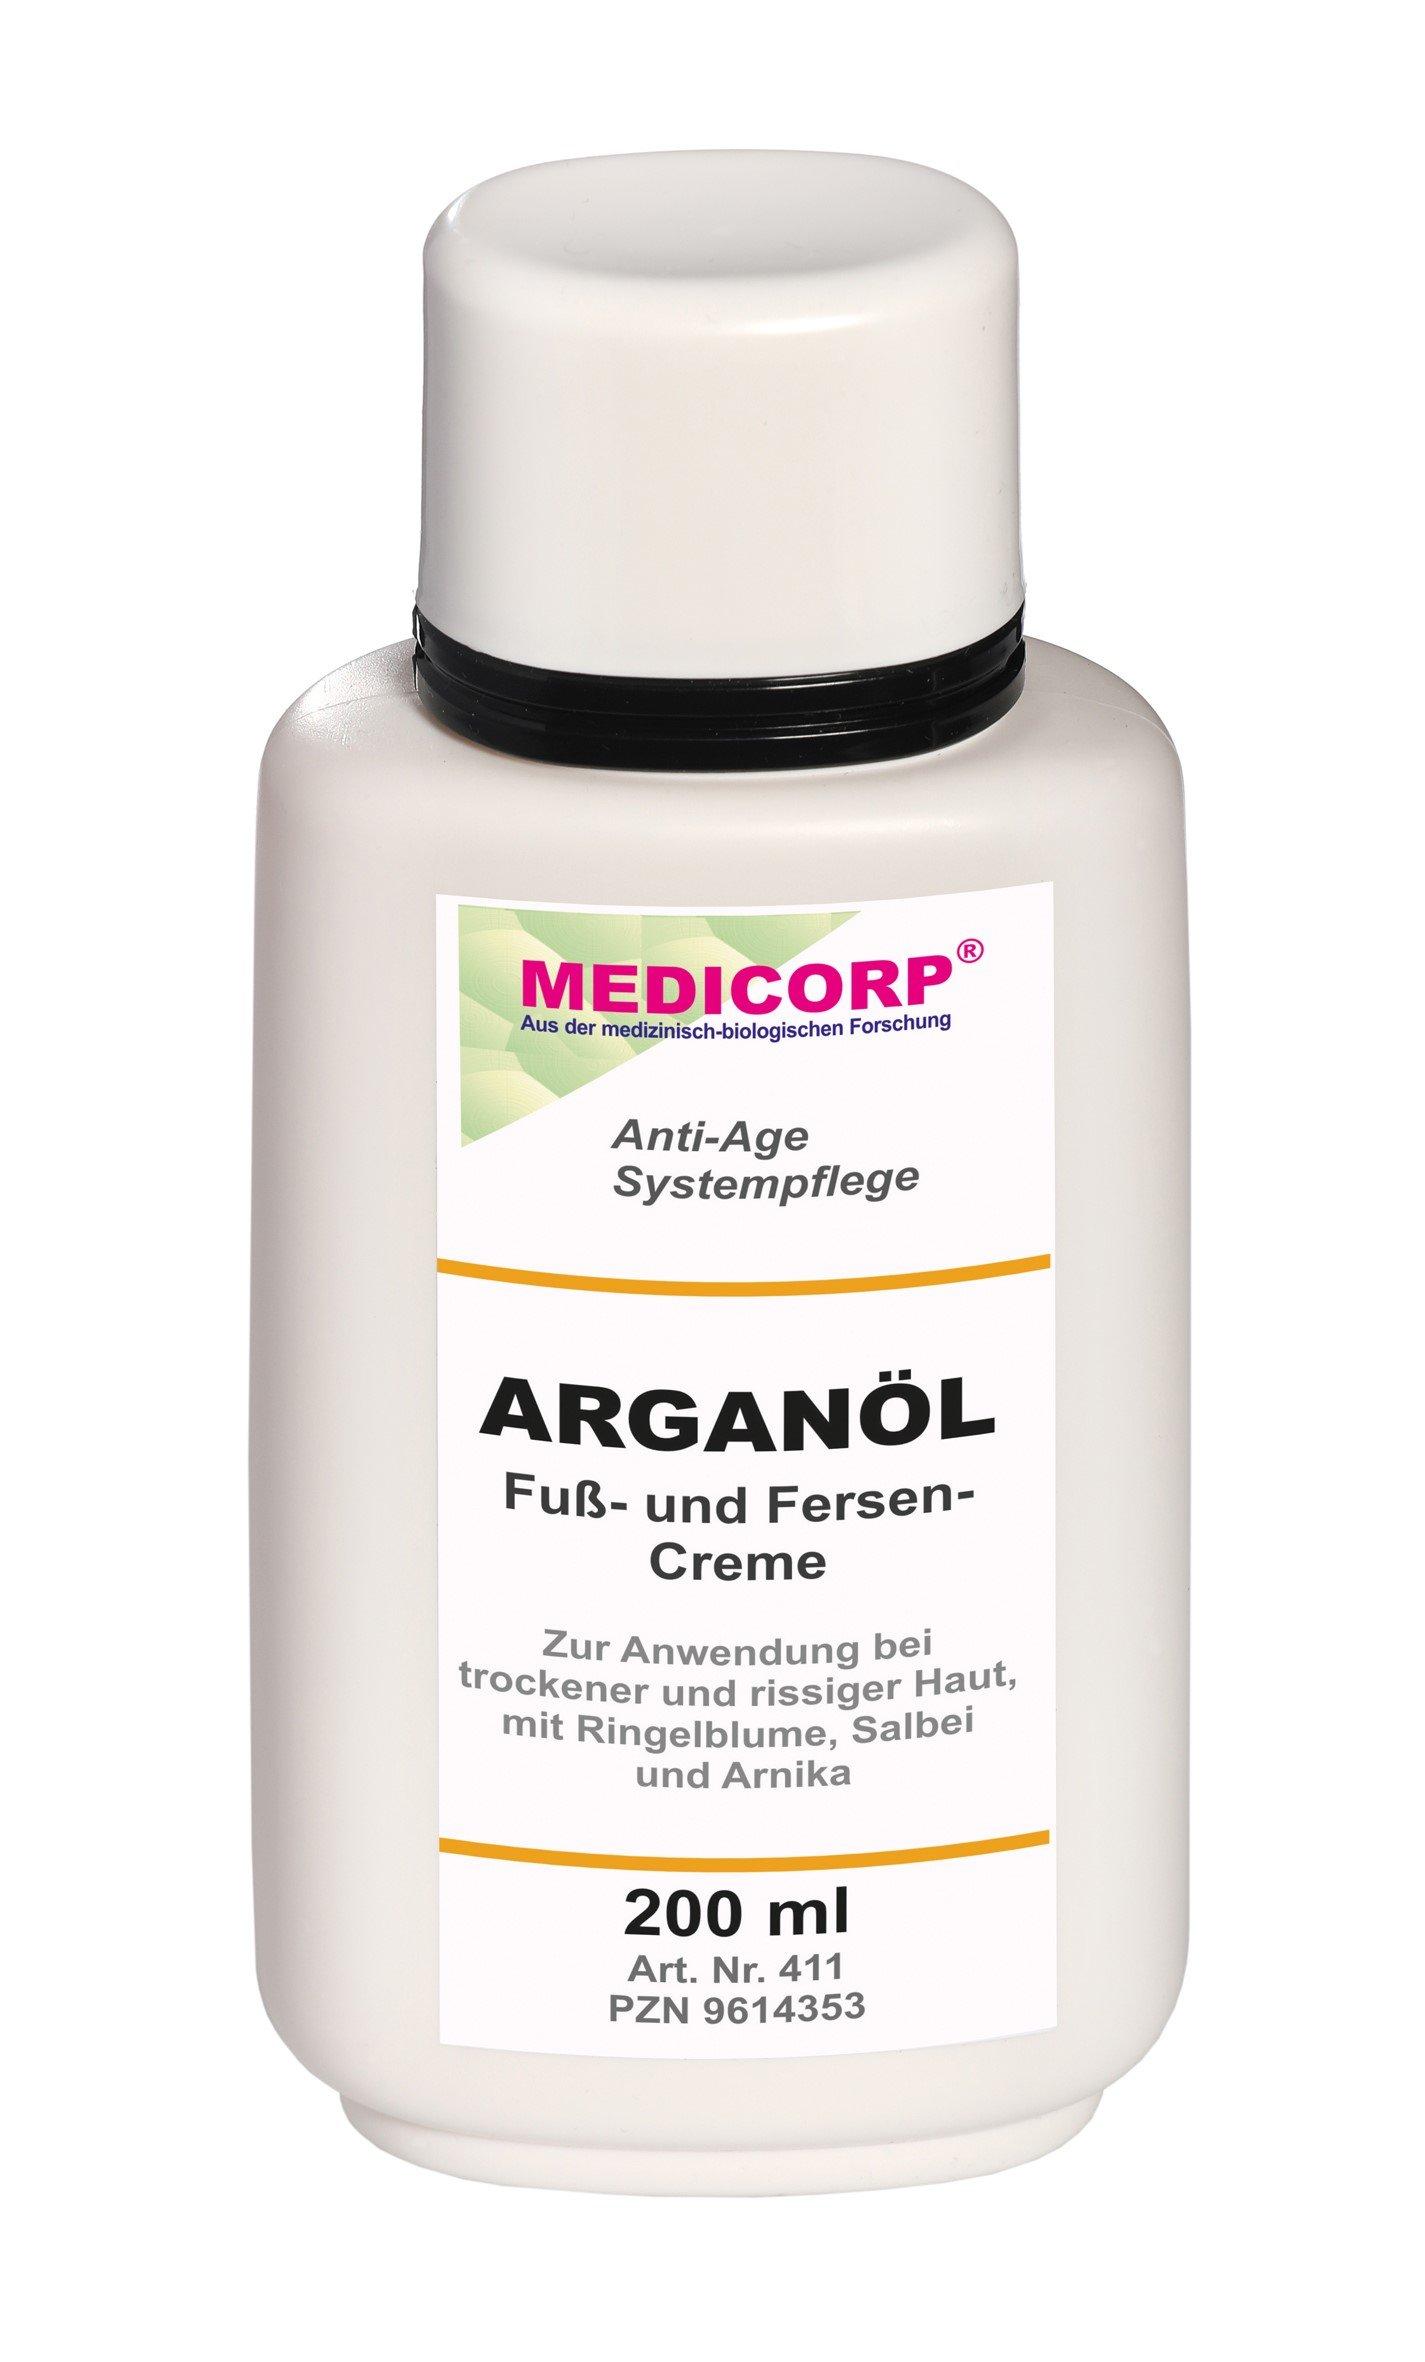 medicorp arganöl de pie y talón Crema, Nueva Fórmula sin parabeno, parrafine y Parfum, 200ml